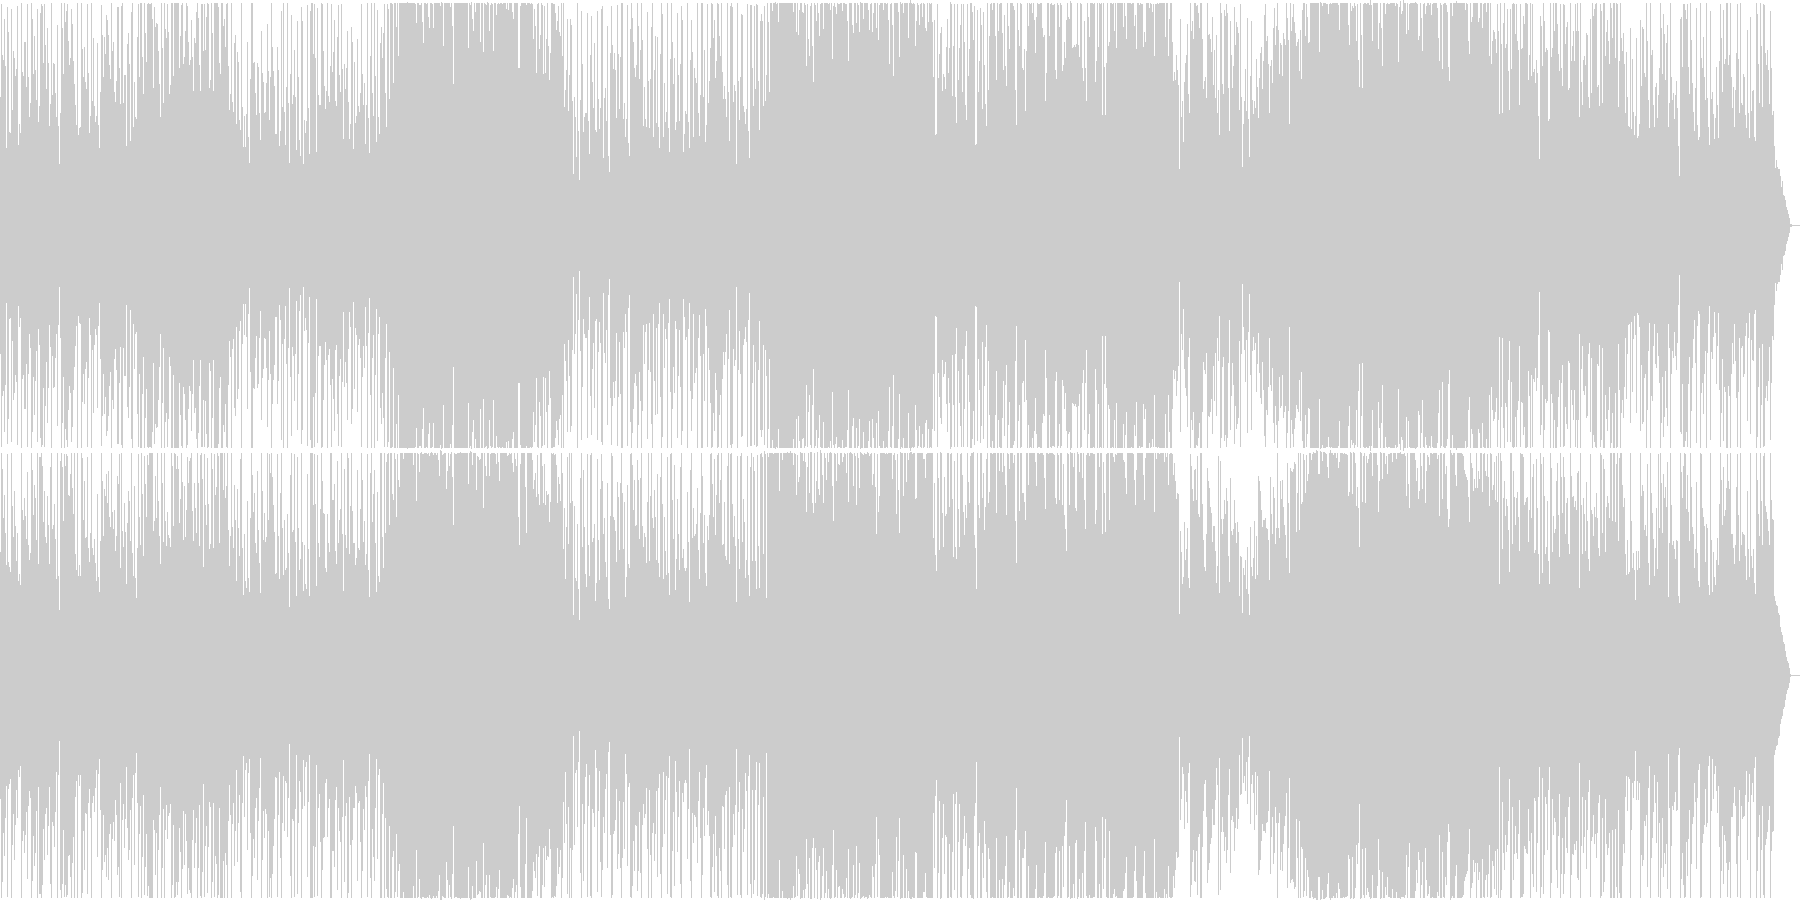 明るくもどこかノスタルジーな3拍子曲の未再生の波形